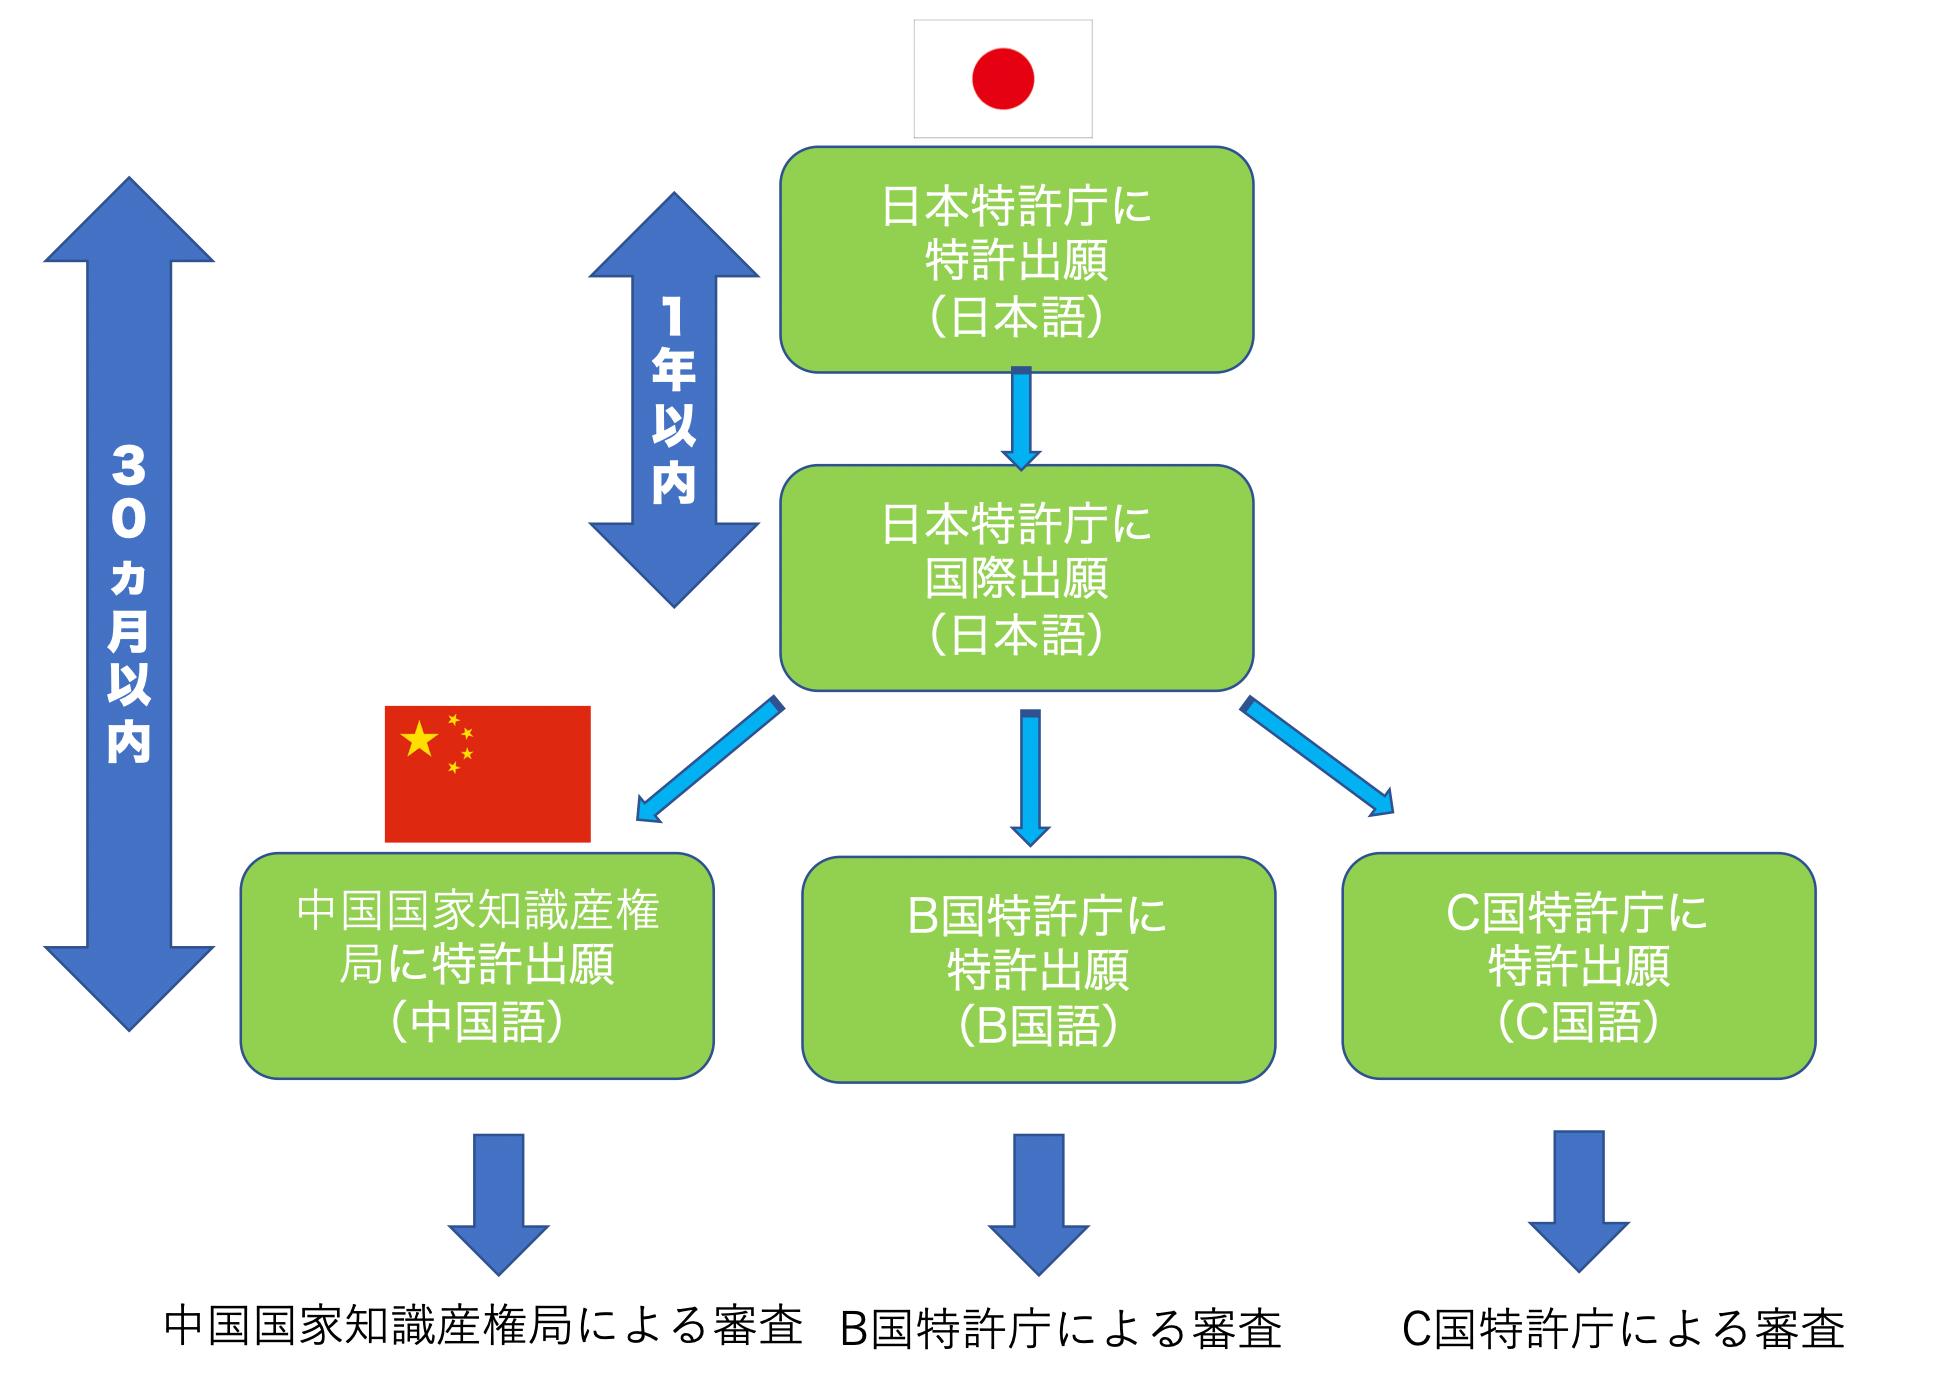 中国特許出願の基礎知識 | 中国で特許を取得するための出願方法の種類と流れ